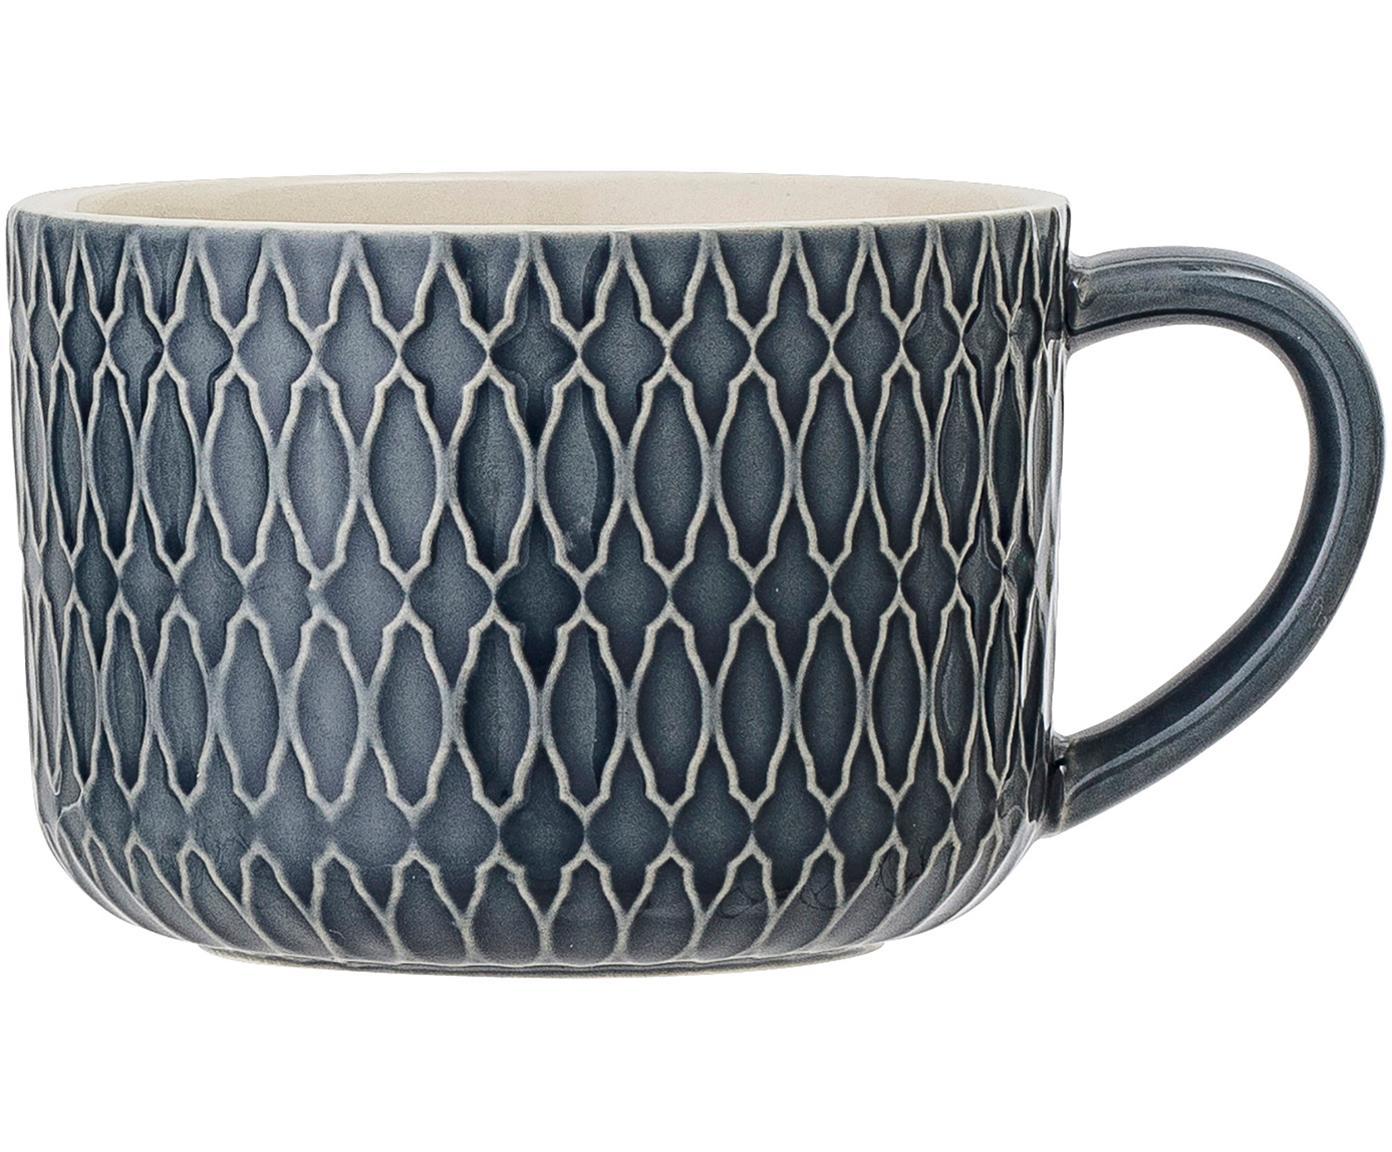 Tassen Naomi, 4 Stück, Steingut, Blau, Weiss, Ø 10 x H 7 cm